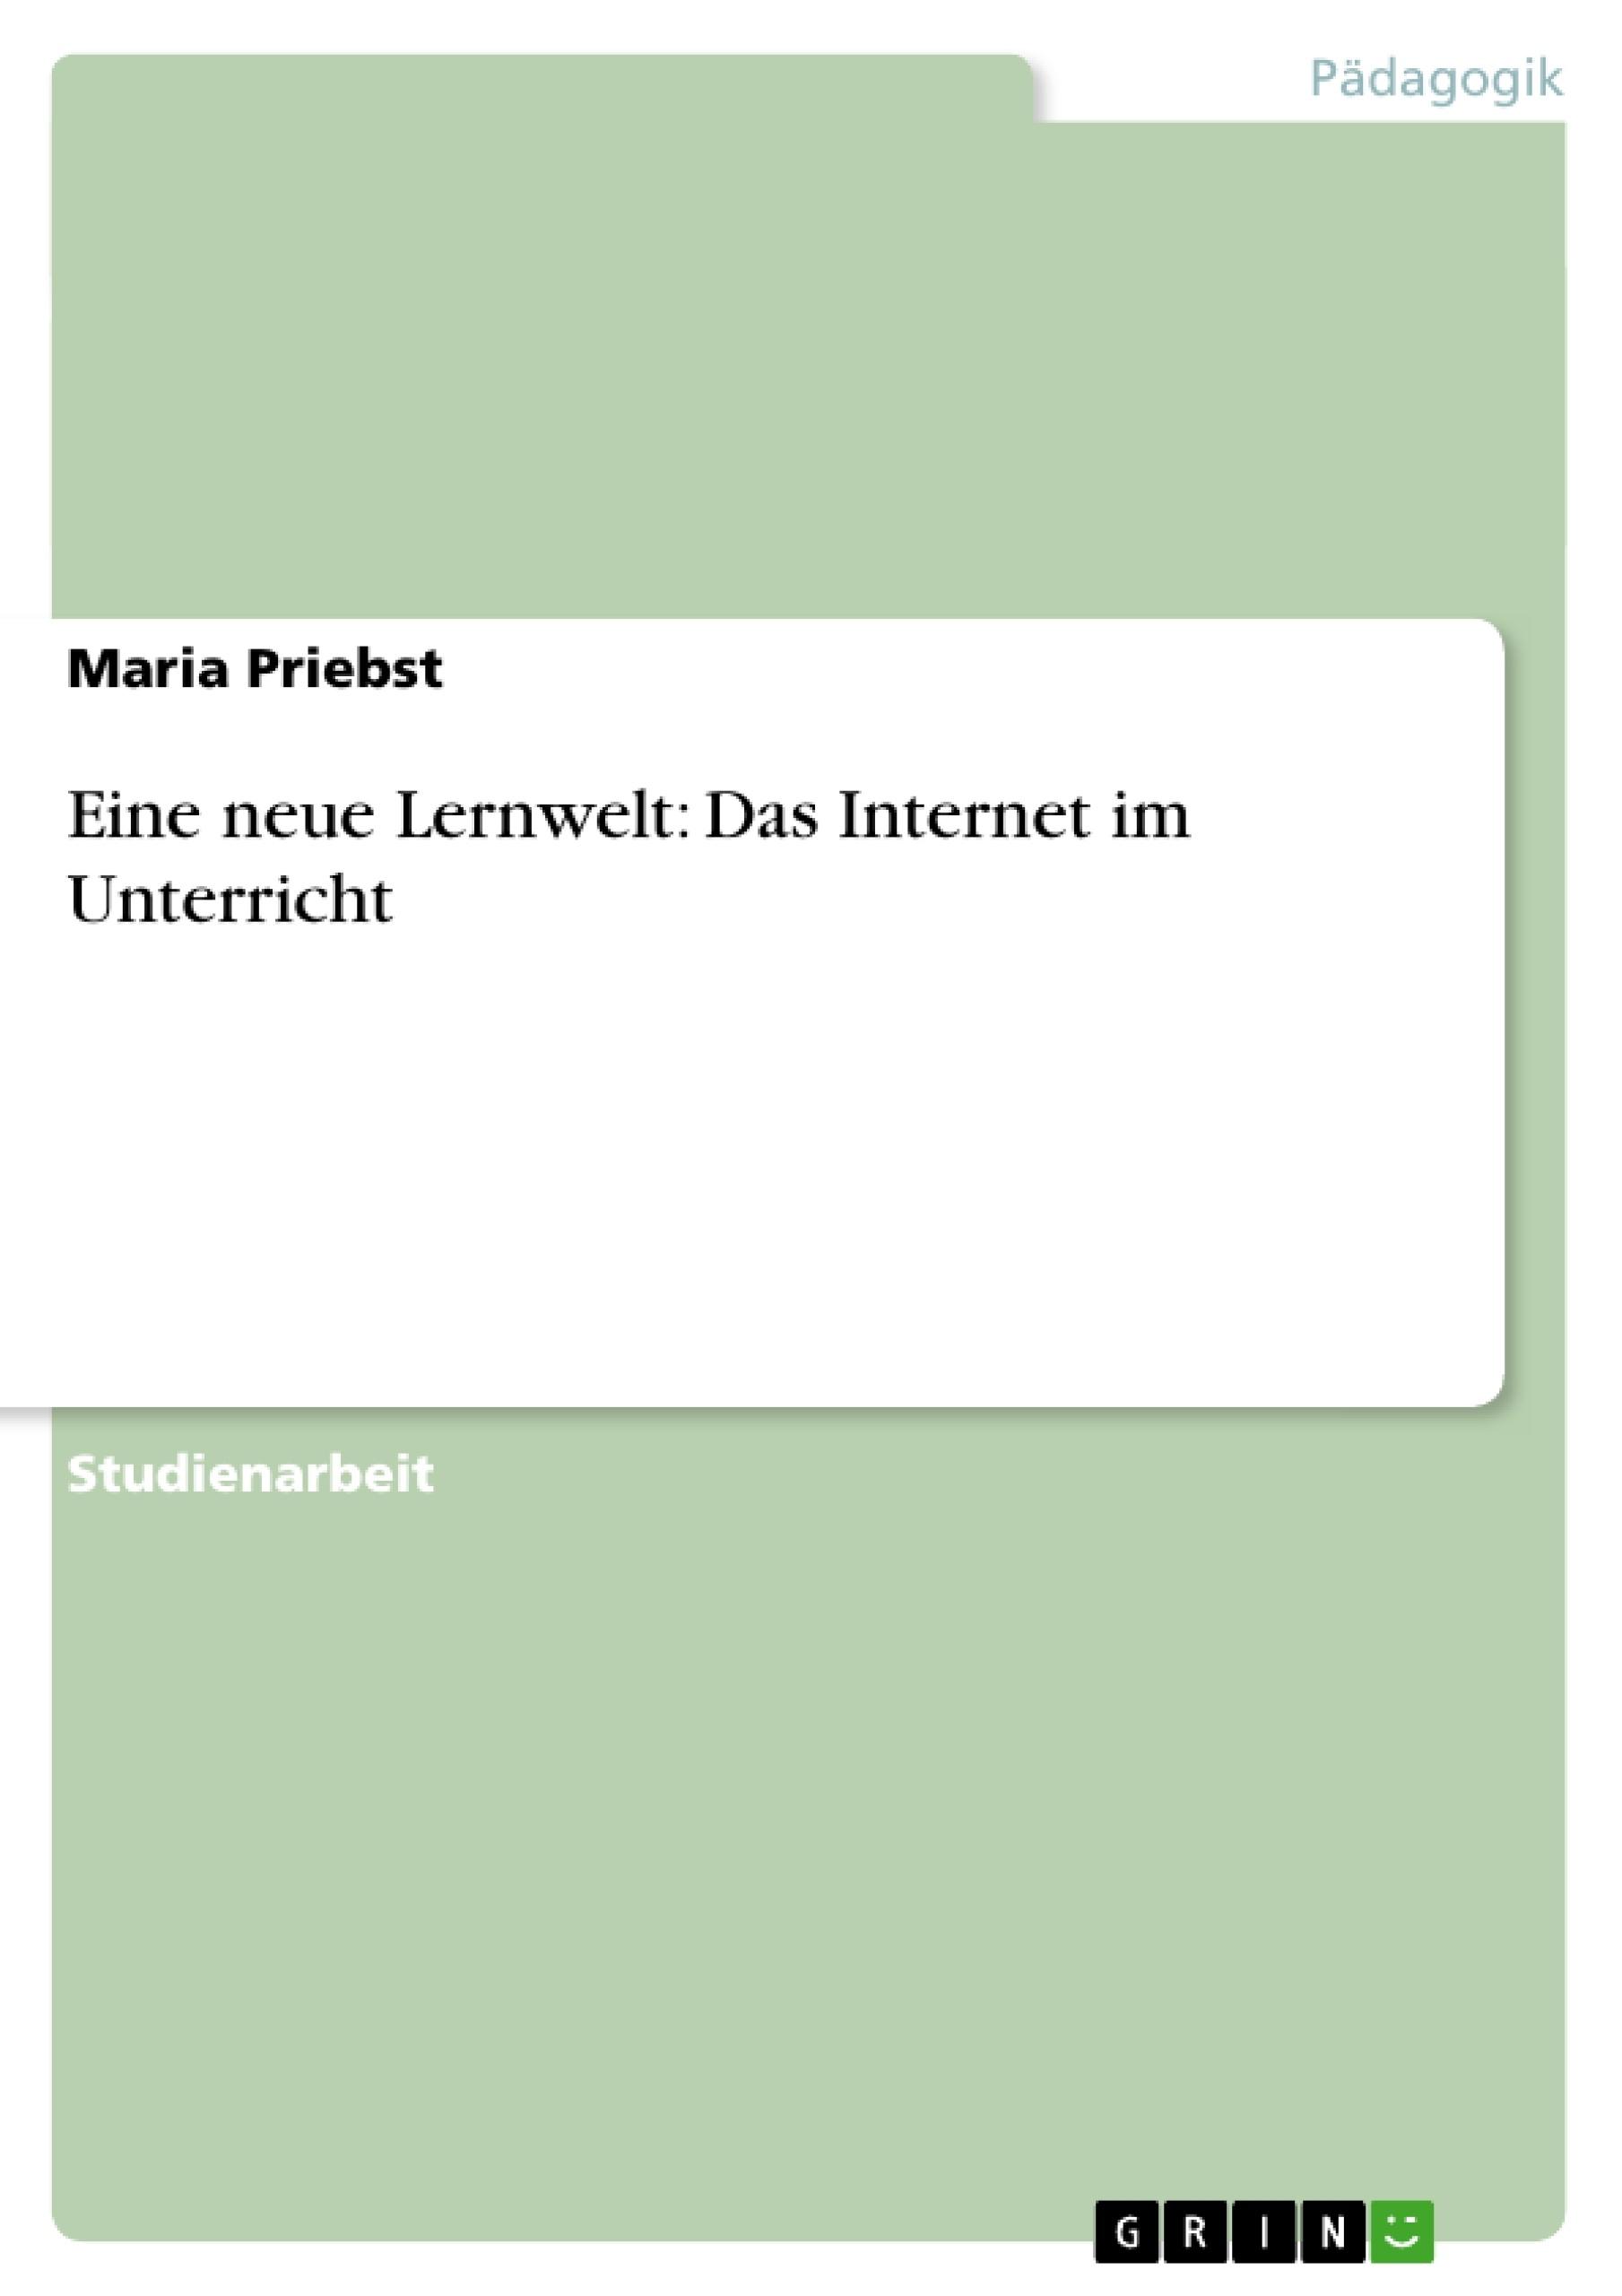 Titel: Eine neue Lernwelt: Das Internet im Unterricht